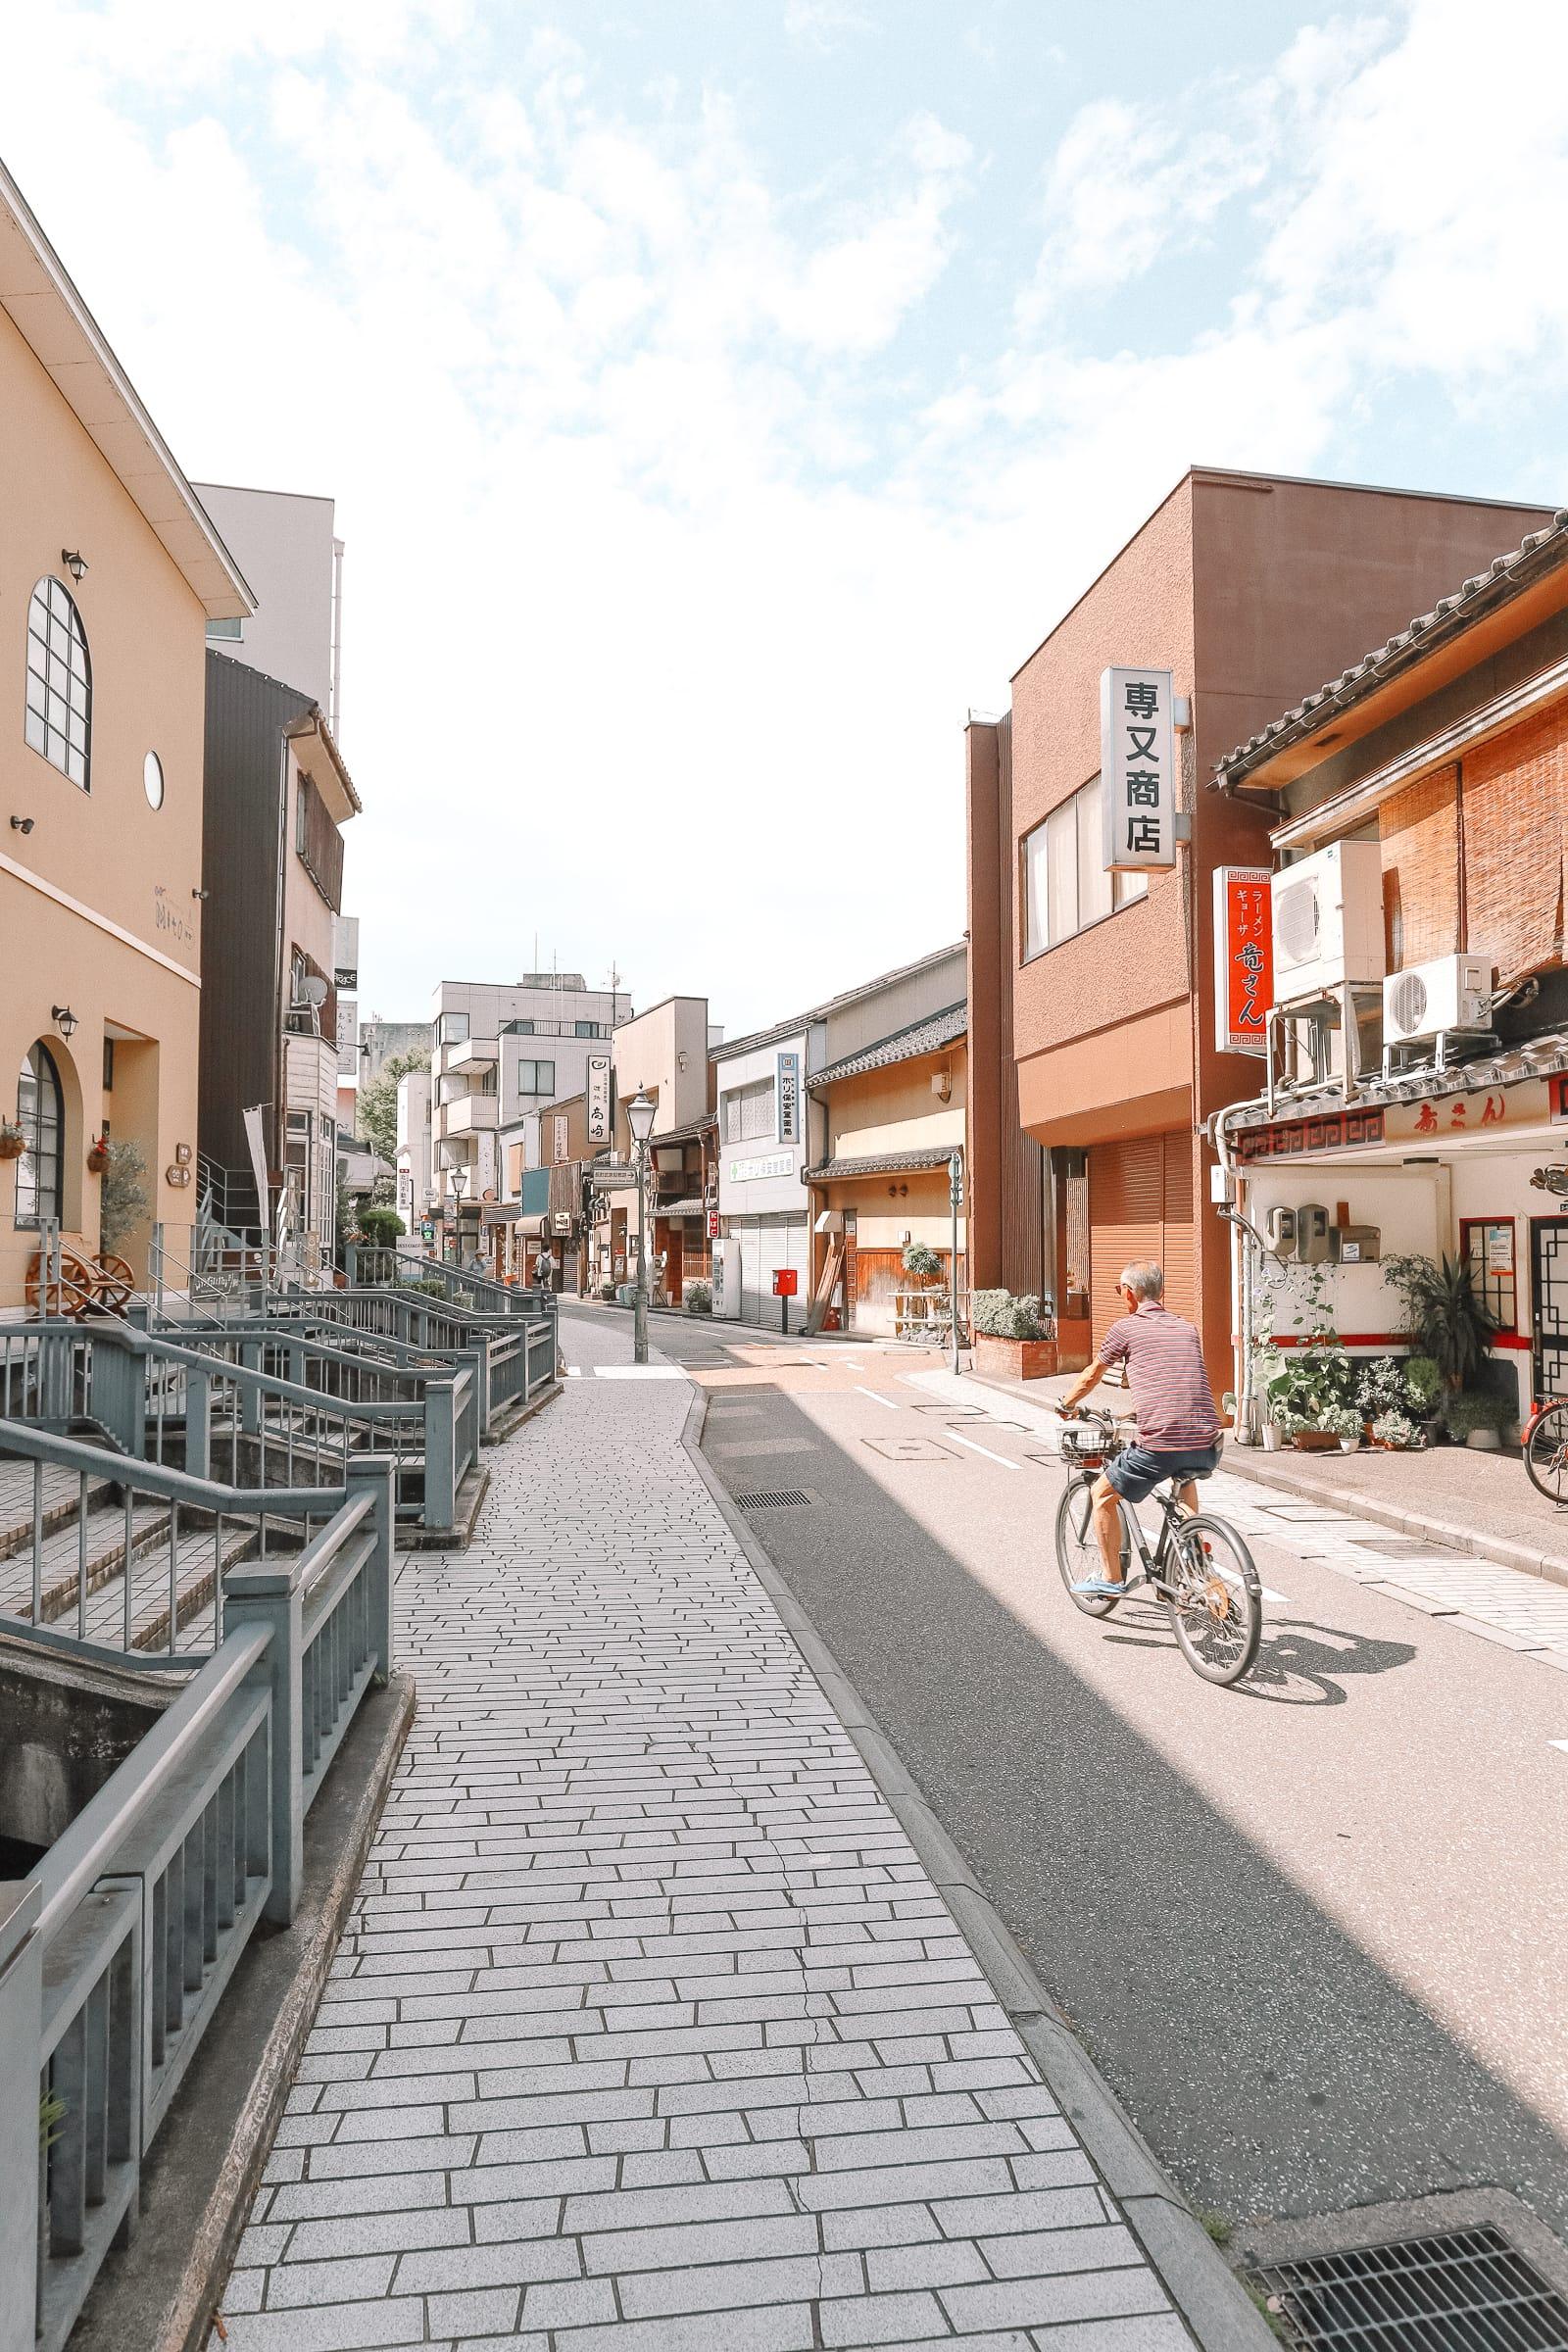 Finding The Samurai District Of Kanazawa and Hakusan City - Japan (47)